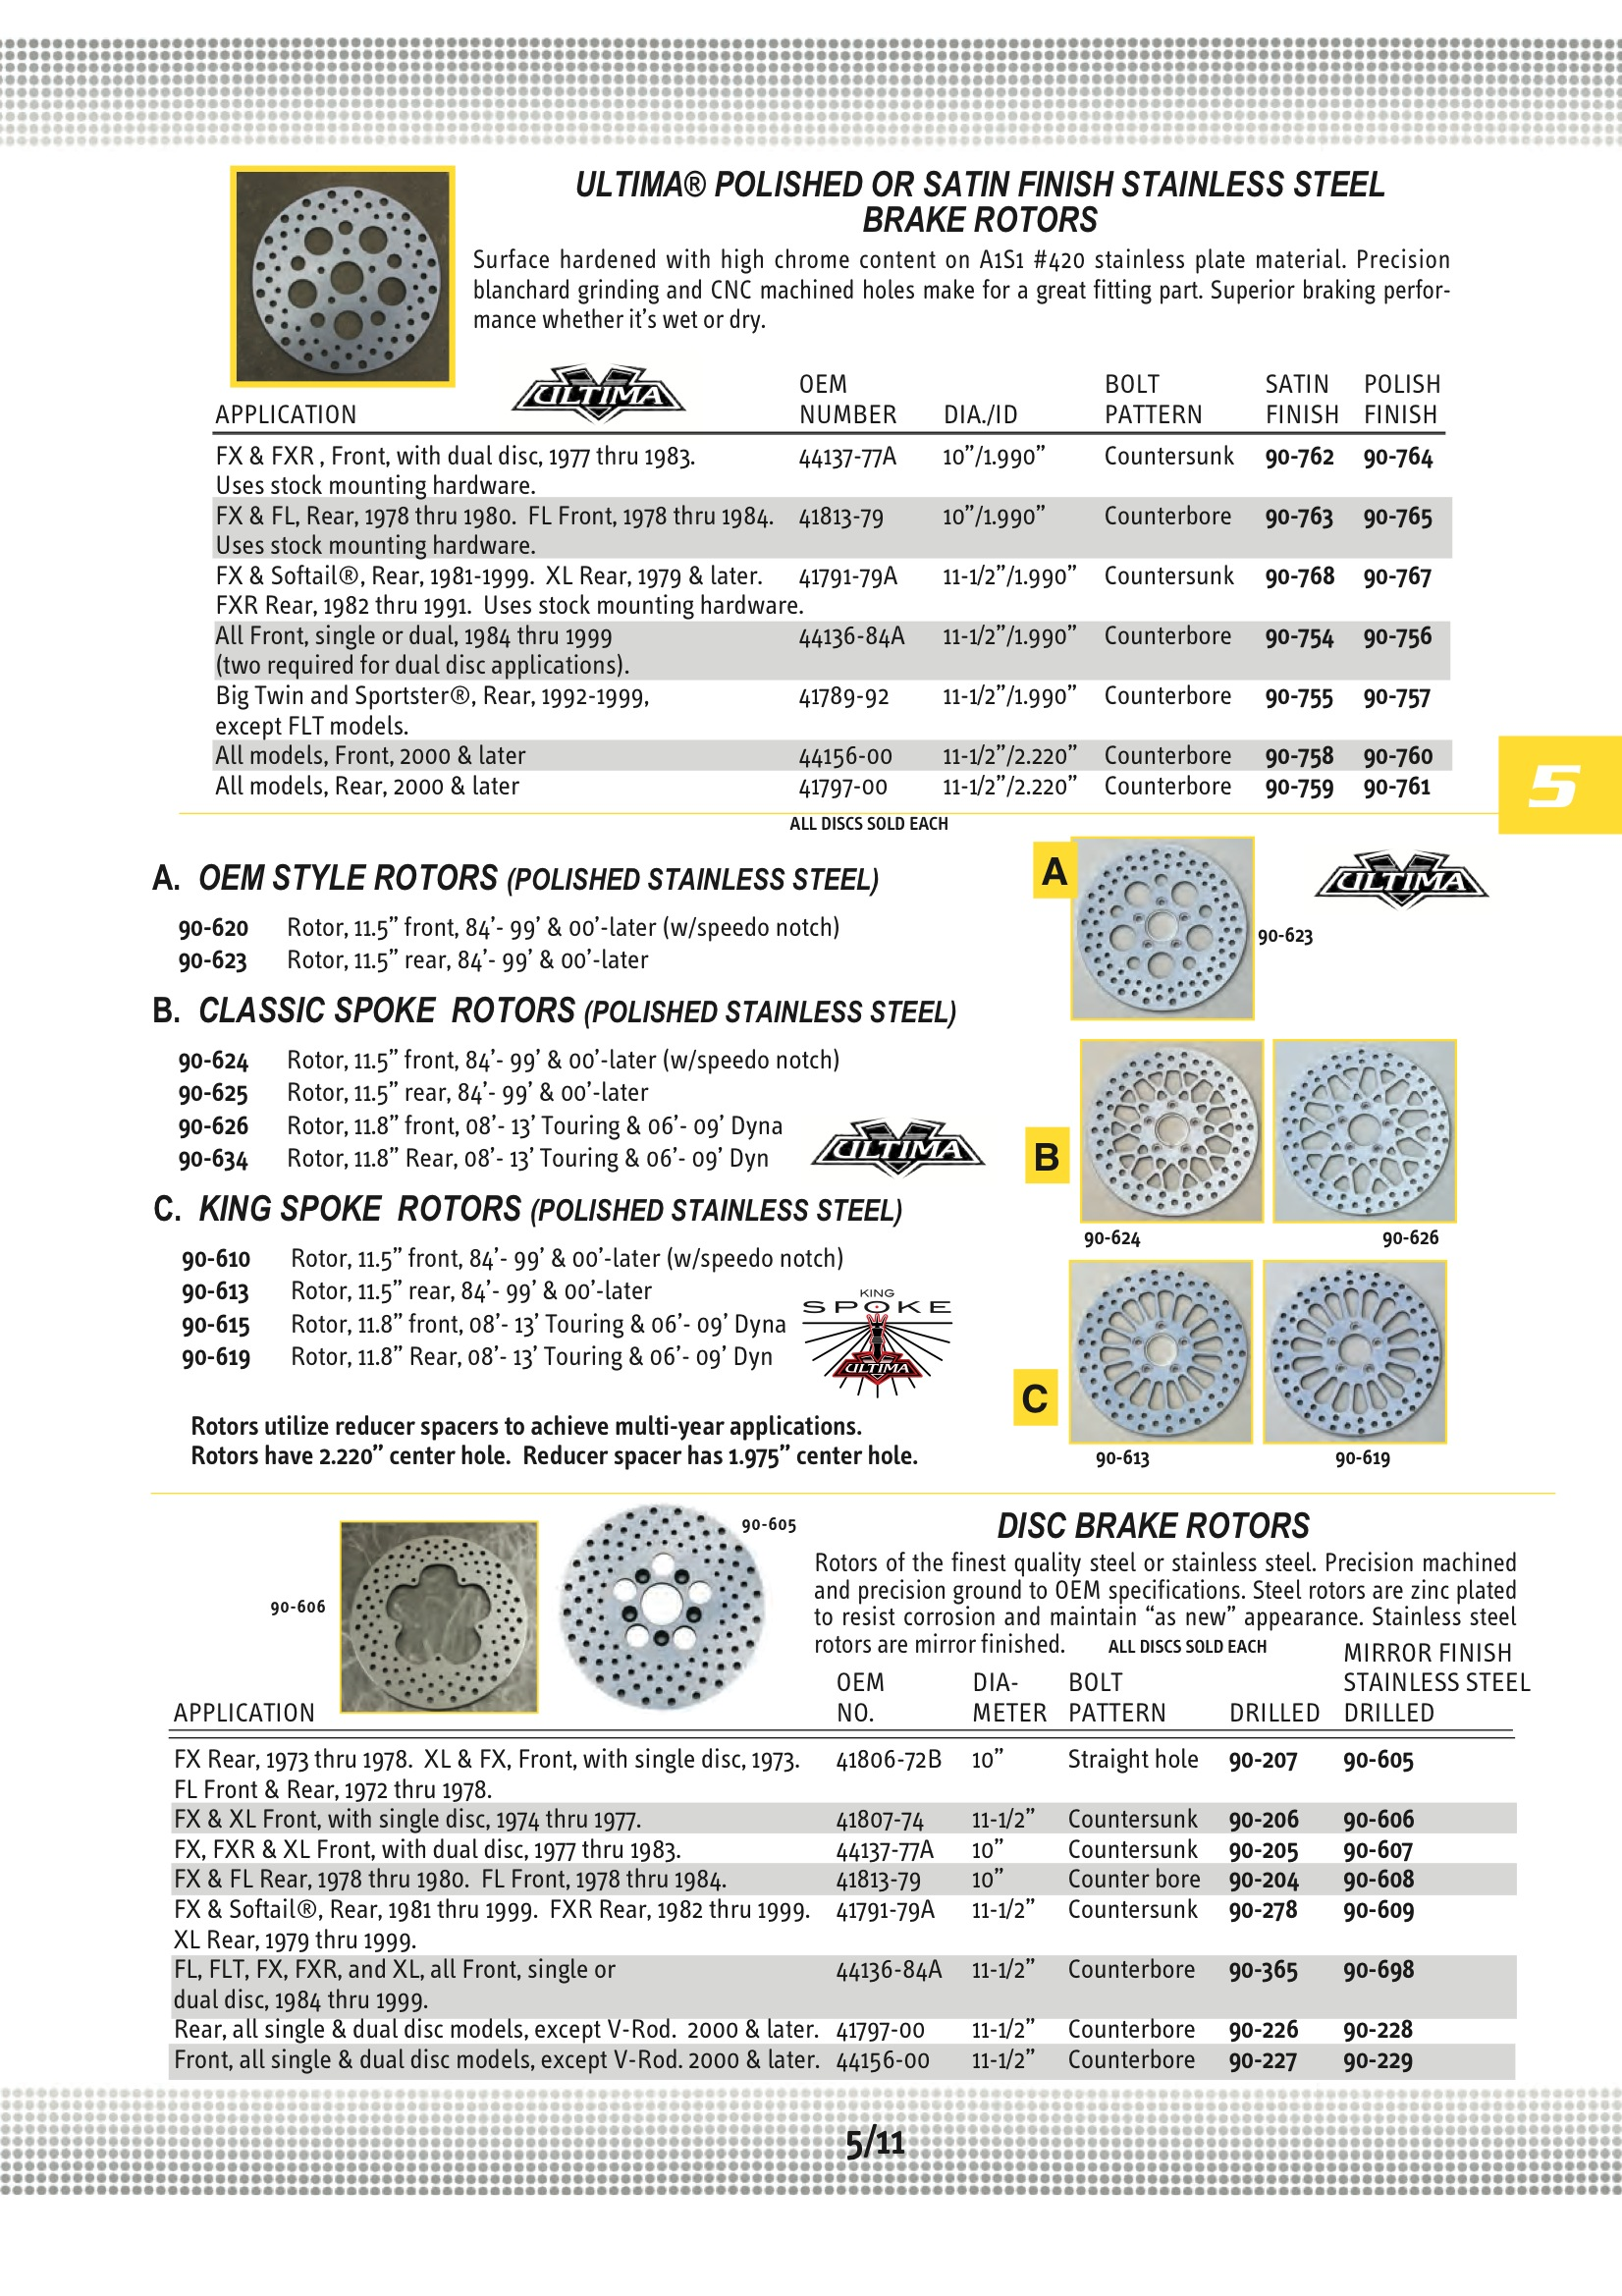 Ultima Polished S.S Kool Kat Rear Brake Rotor for 84-99 /& 00-LTR Harley Models